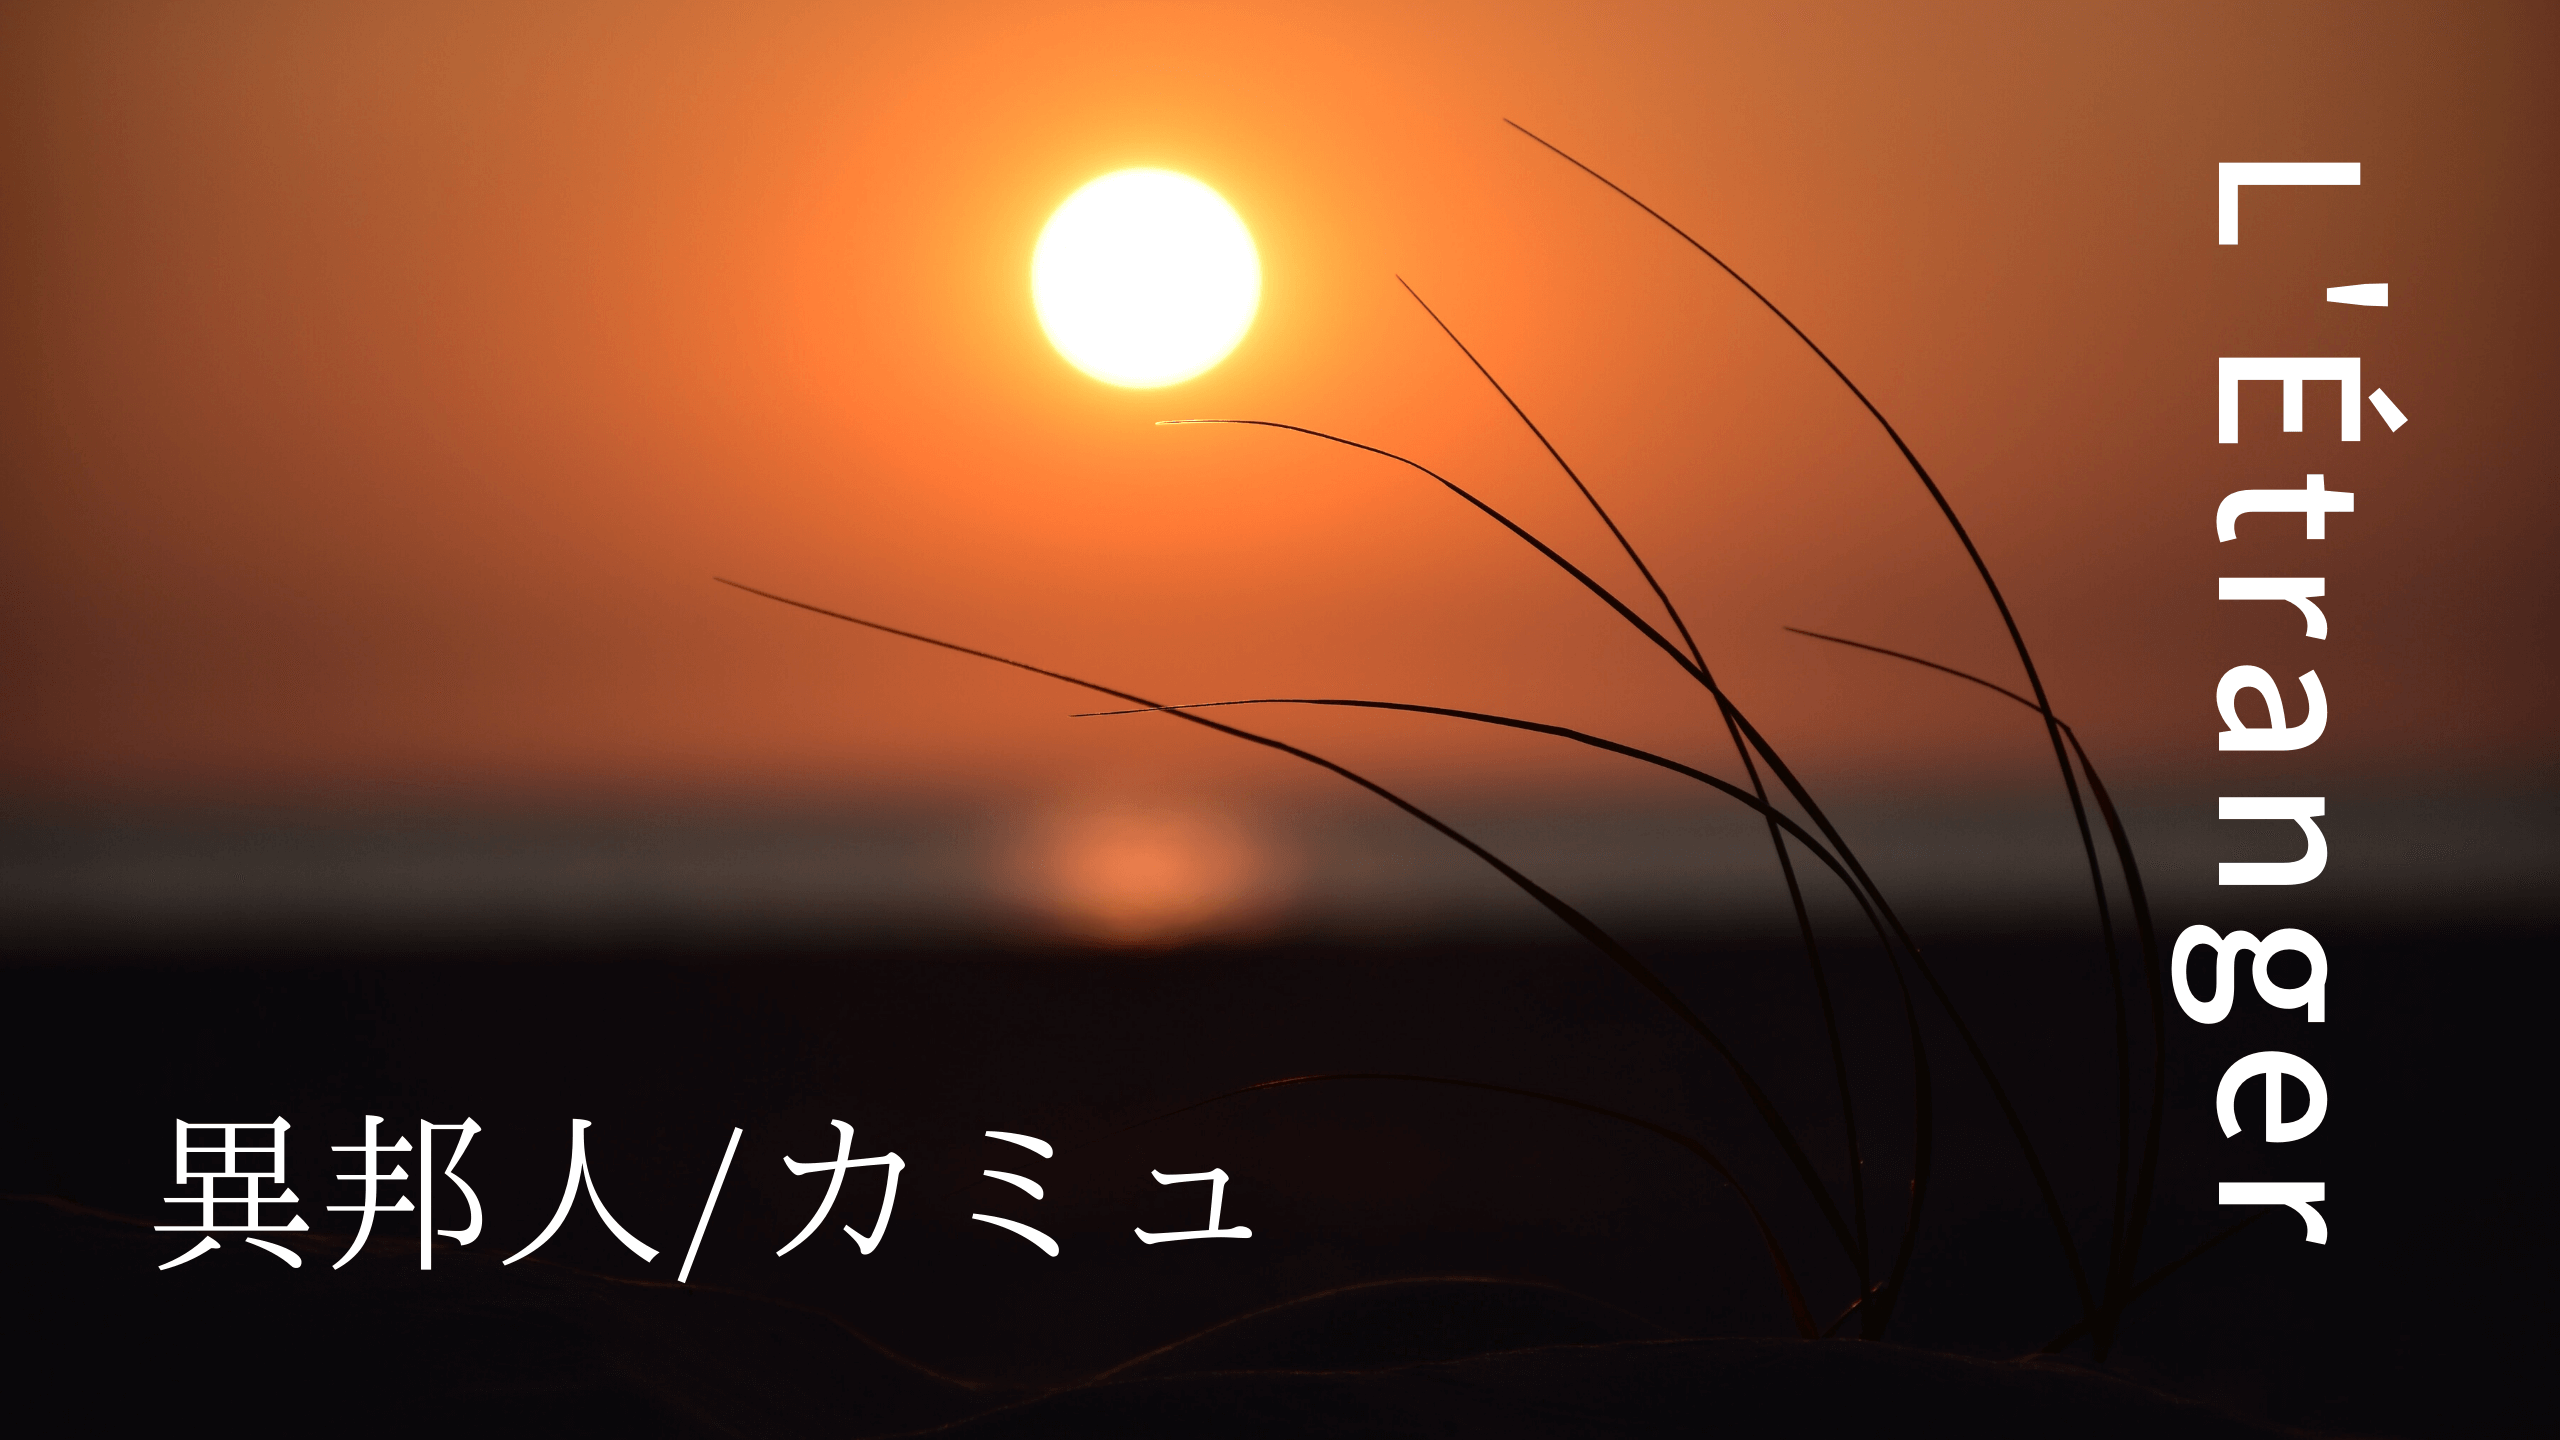 小説 異邦人/カミュ